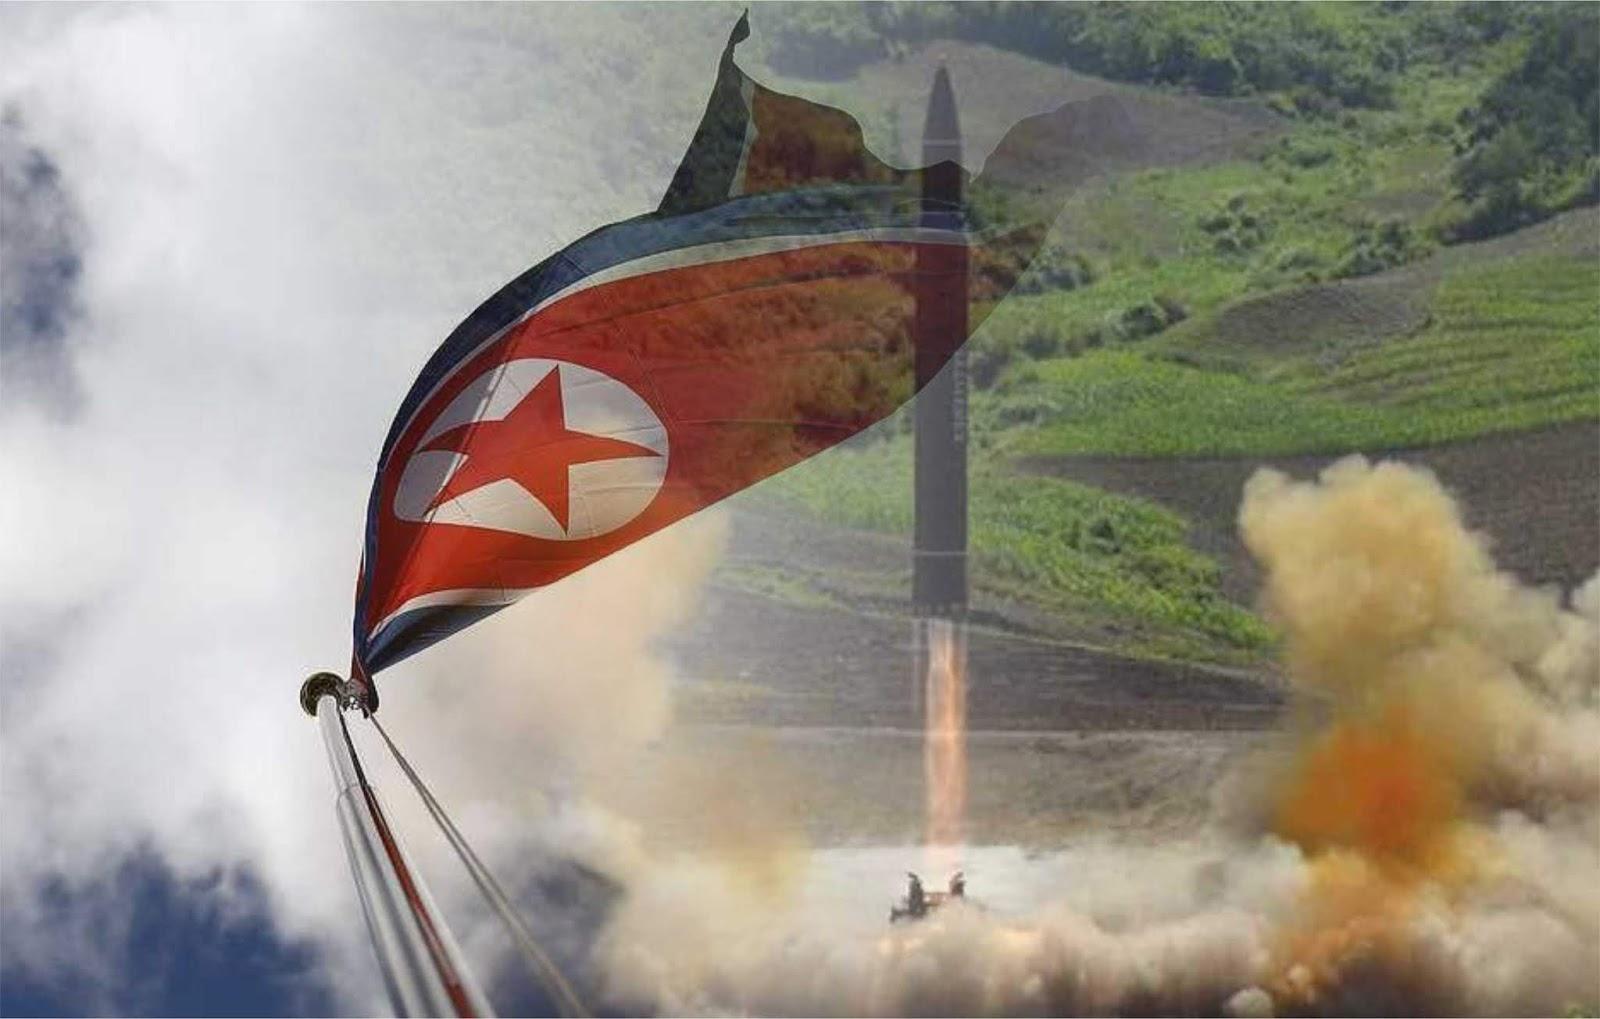 Intelijen Korsel melaporkan bahwa Korea Utara terus memperkaya uranium untuk keperluan militer